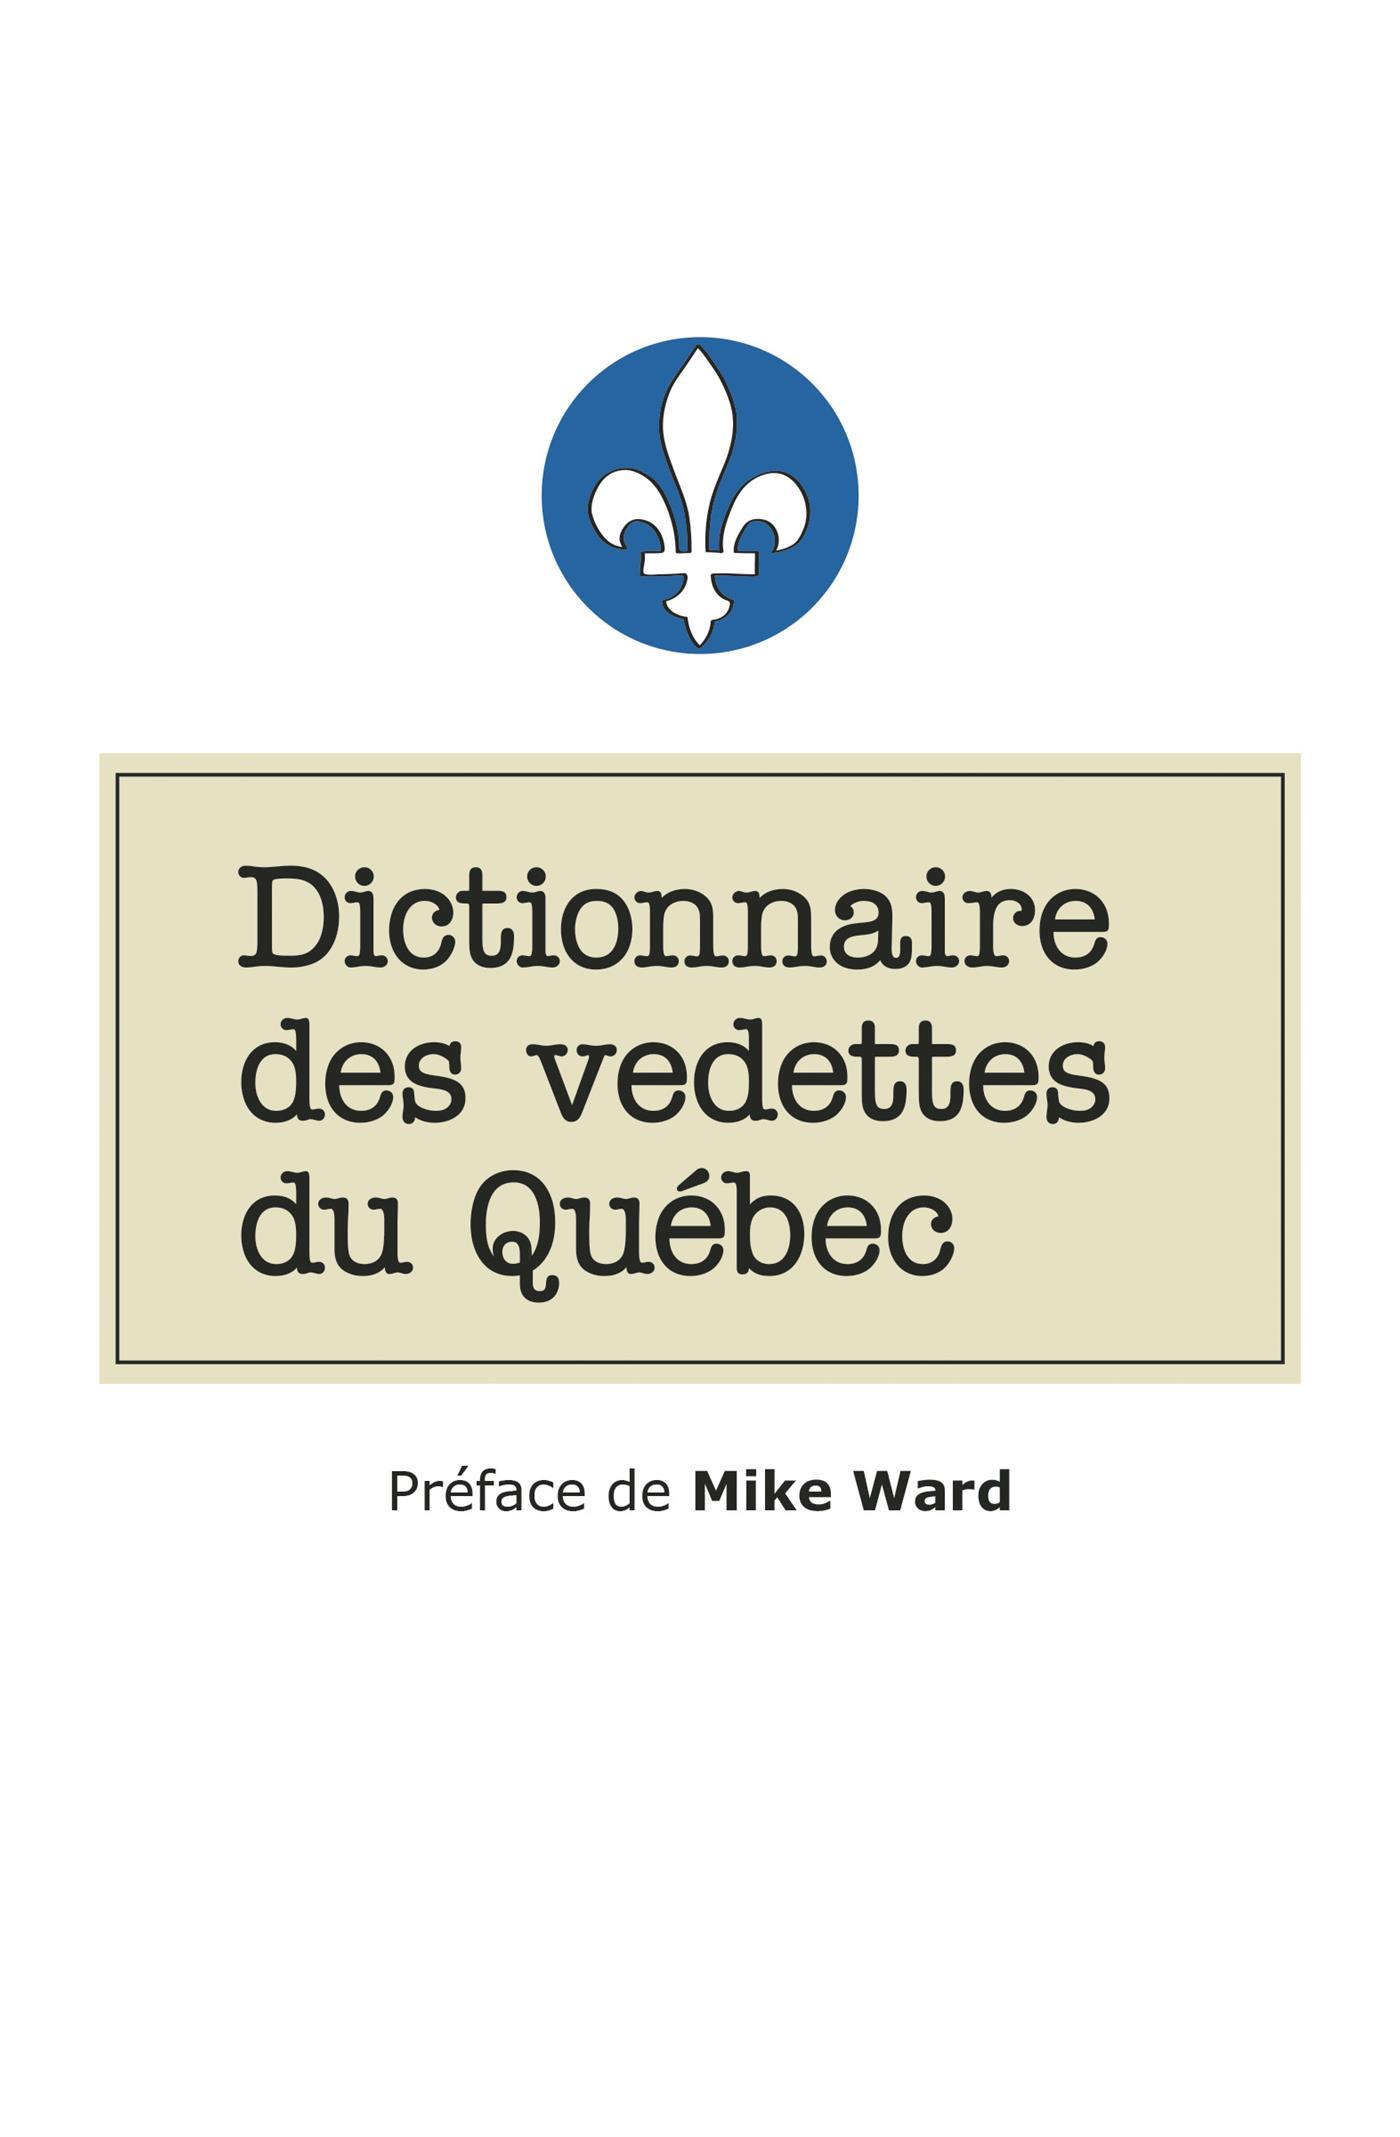 Dictionnaire des vedettes du Québec